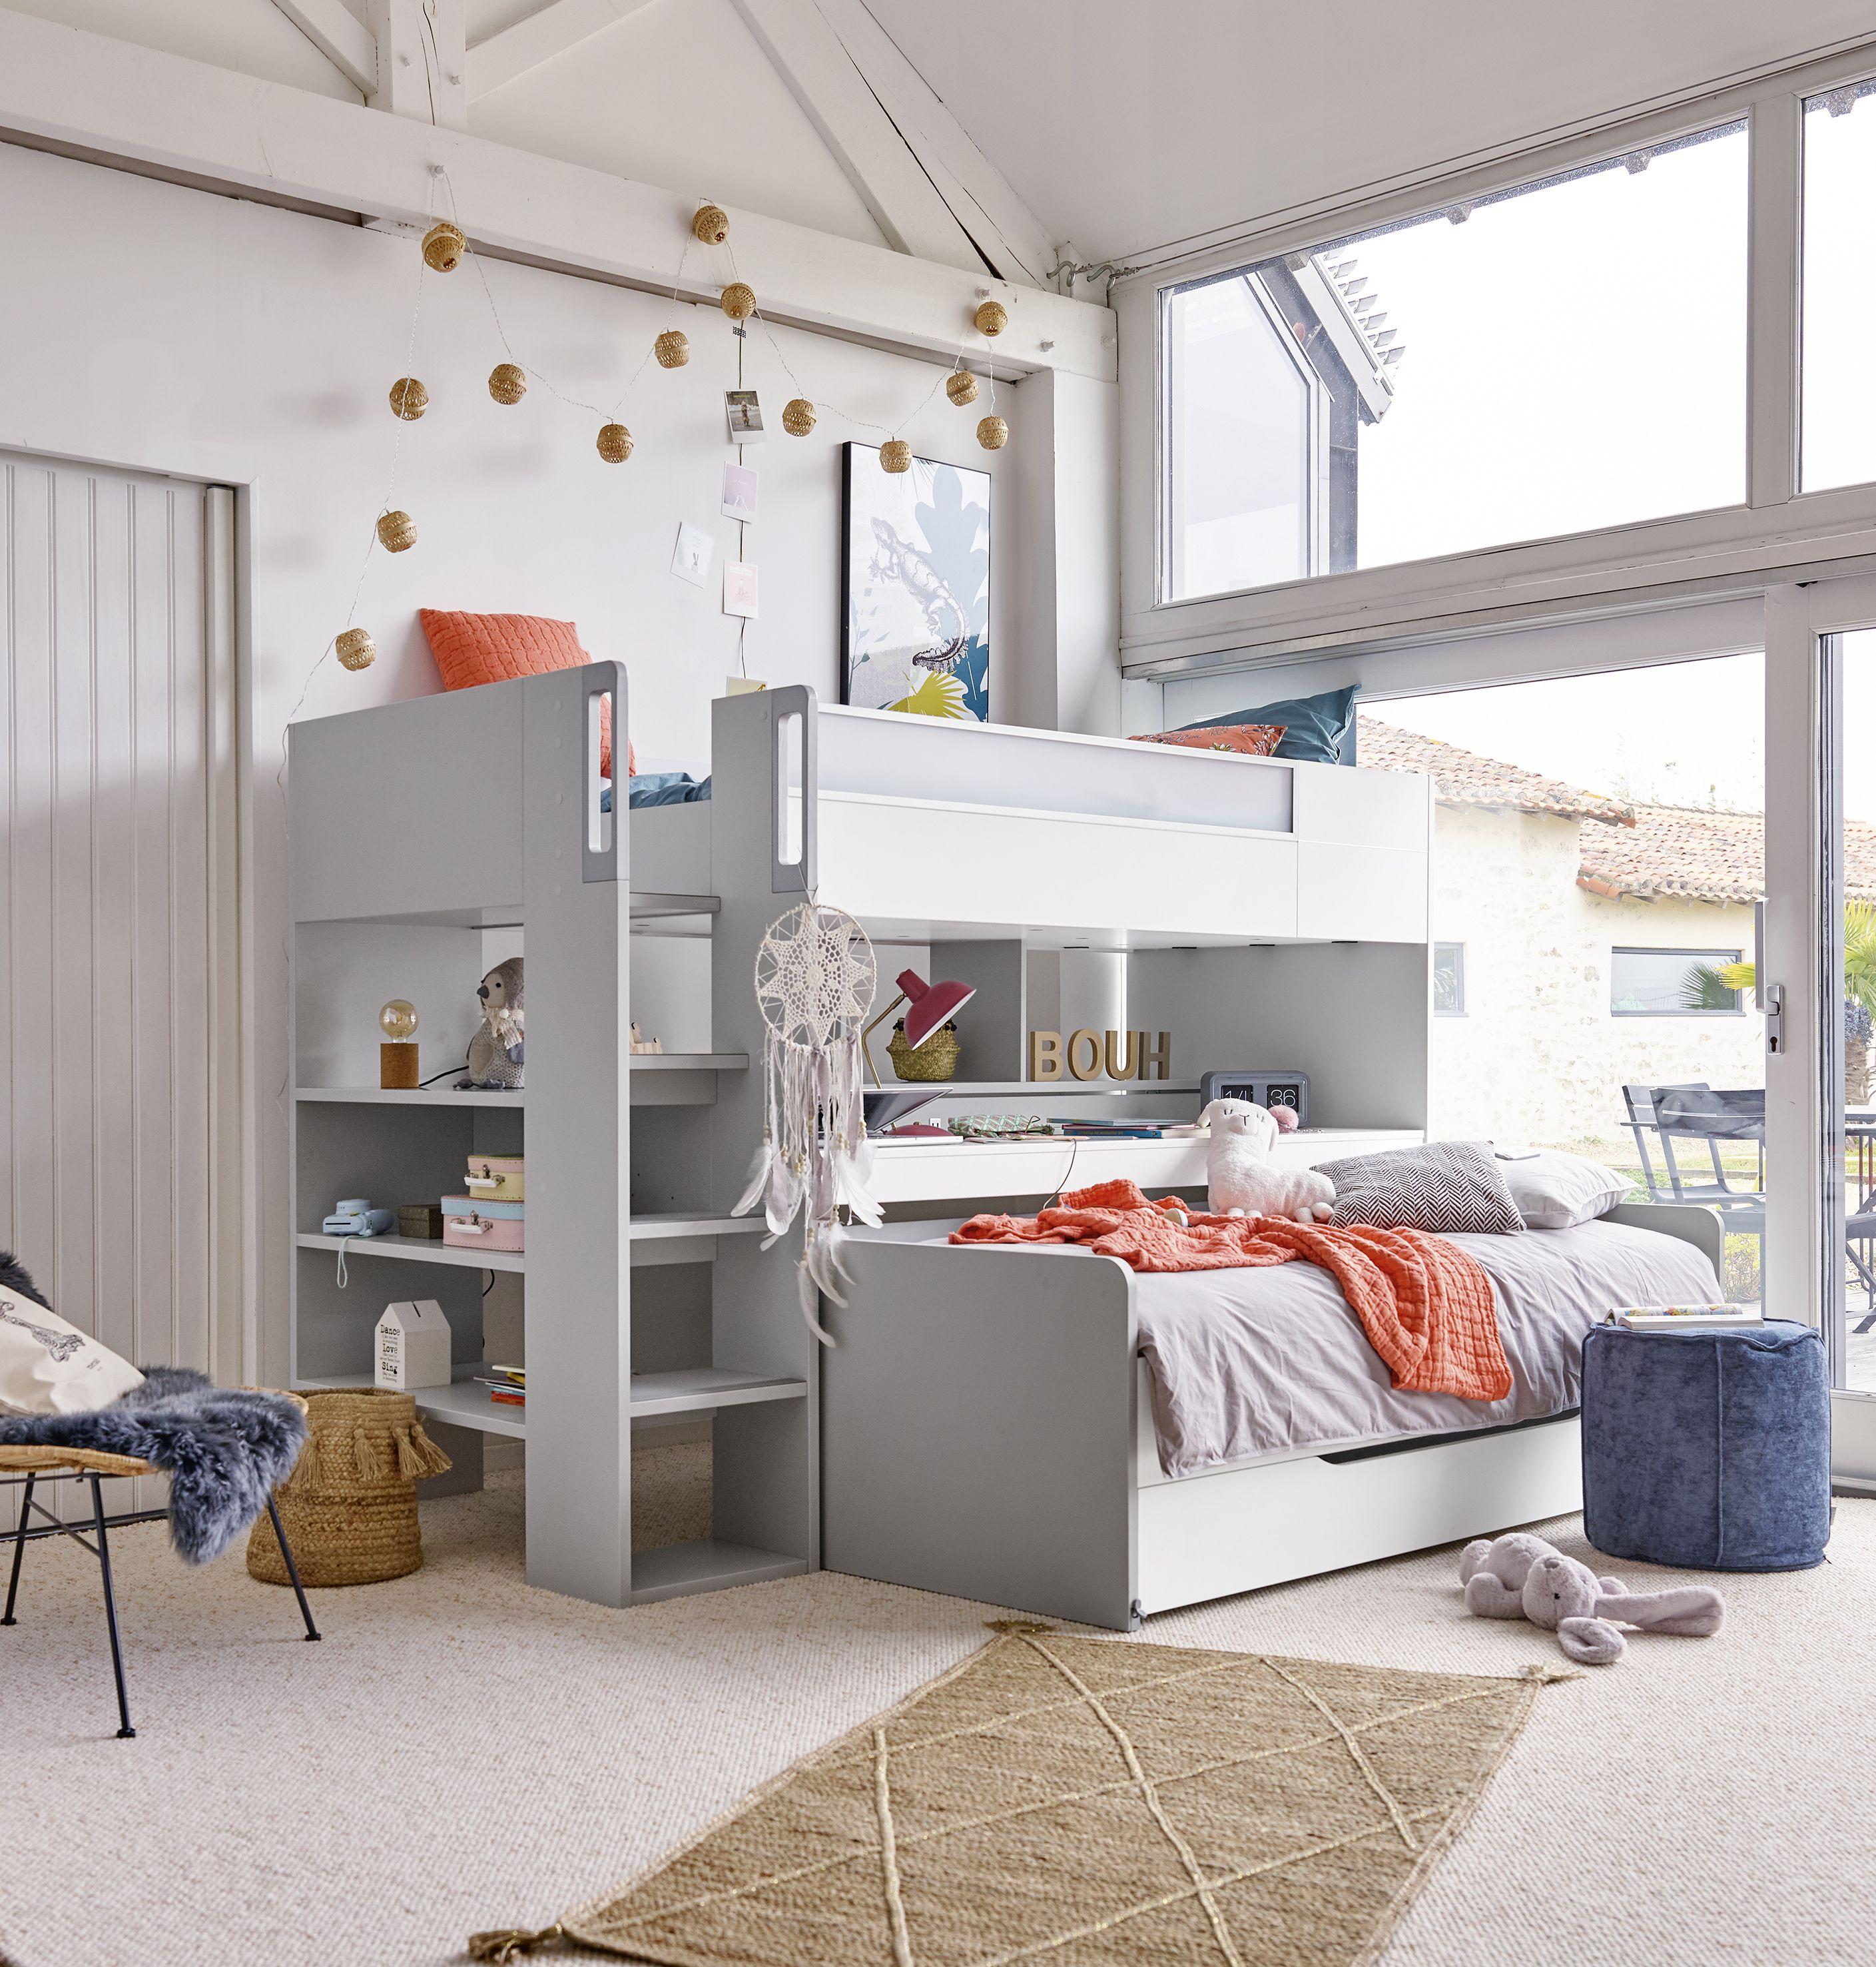 Lit Haut Trio Bureau Et Lit Coulissant En 2020 Lit Haut Decoration Maison Idees De Lit